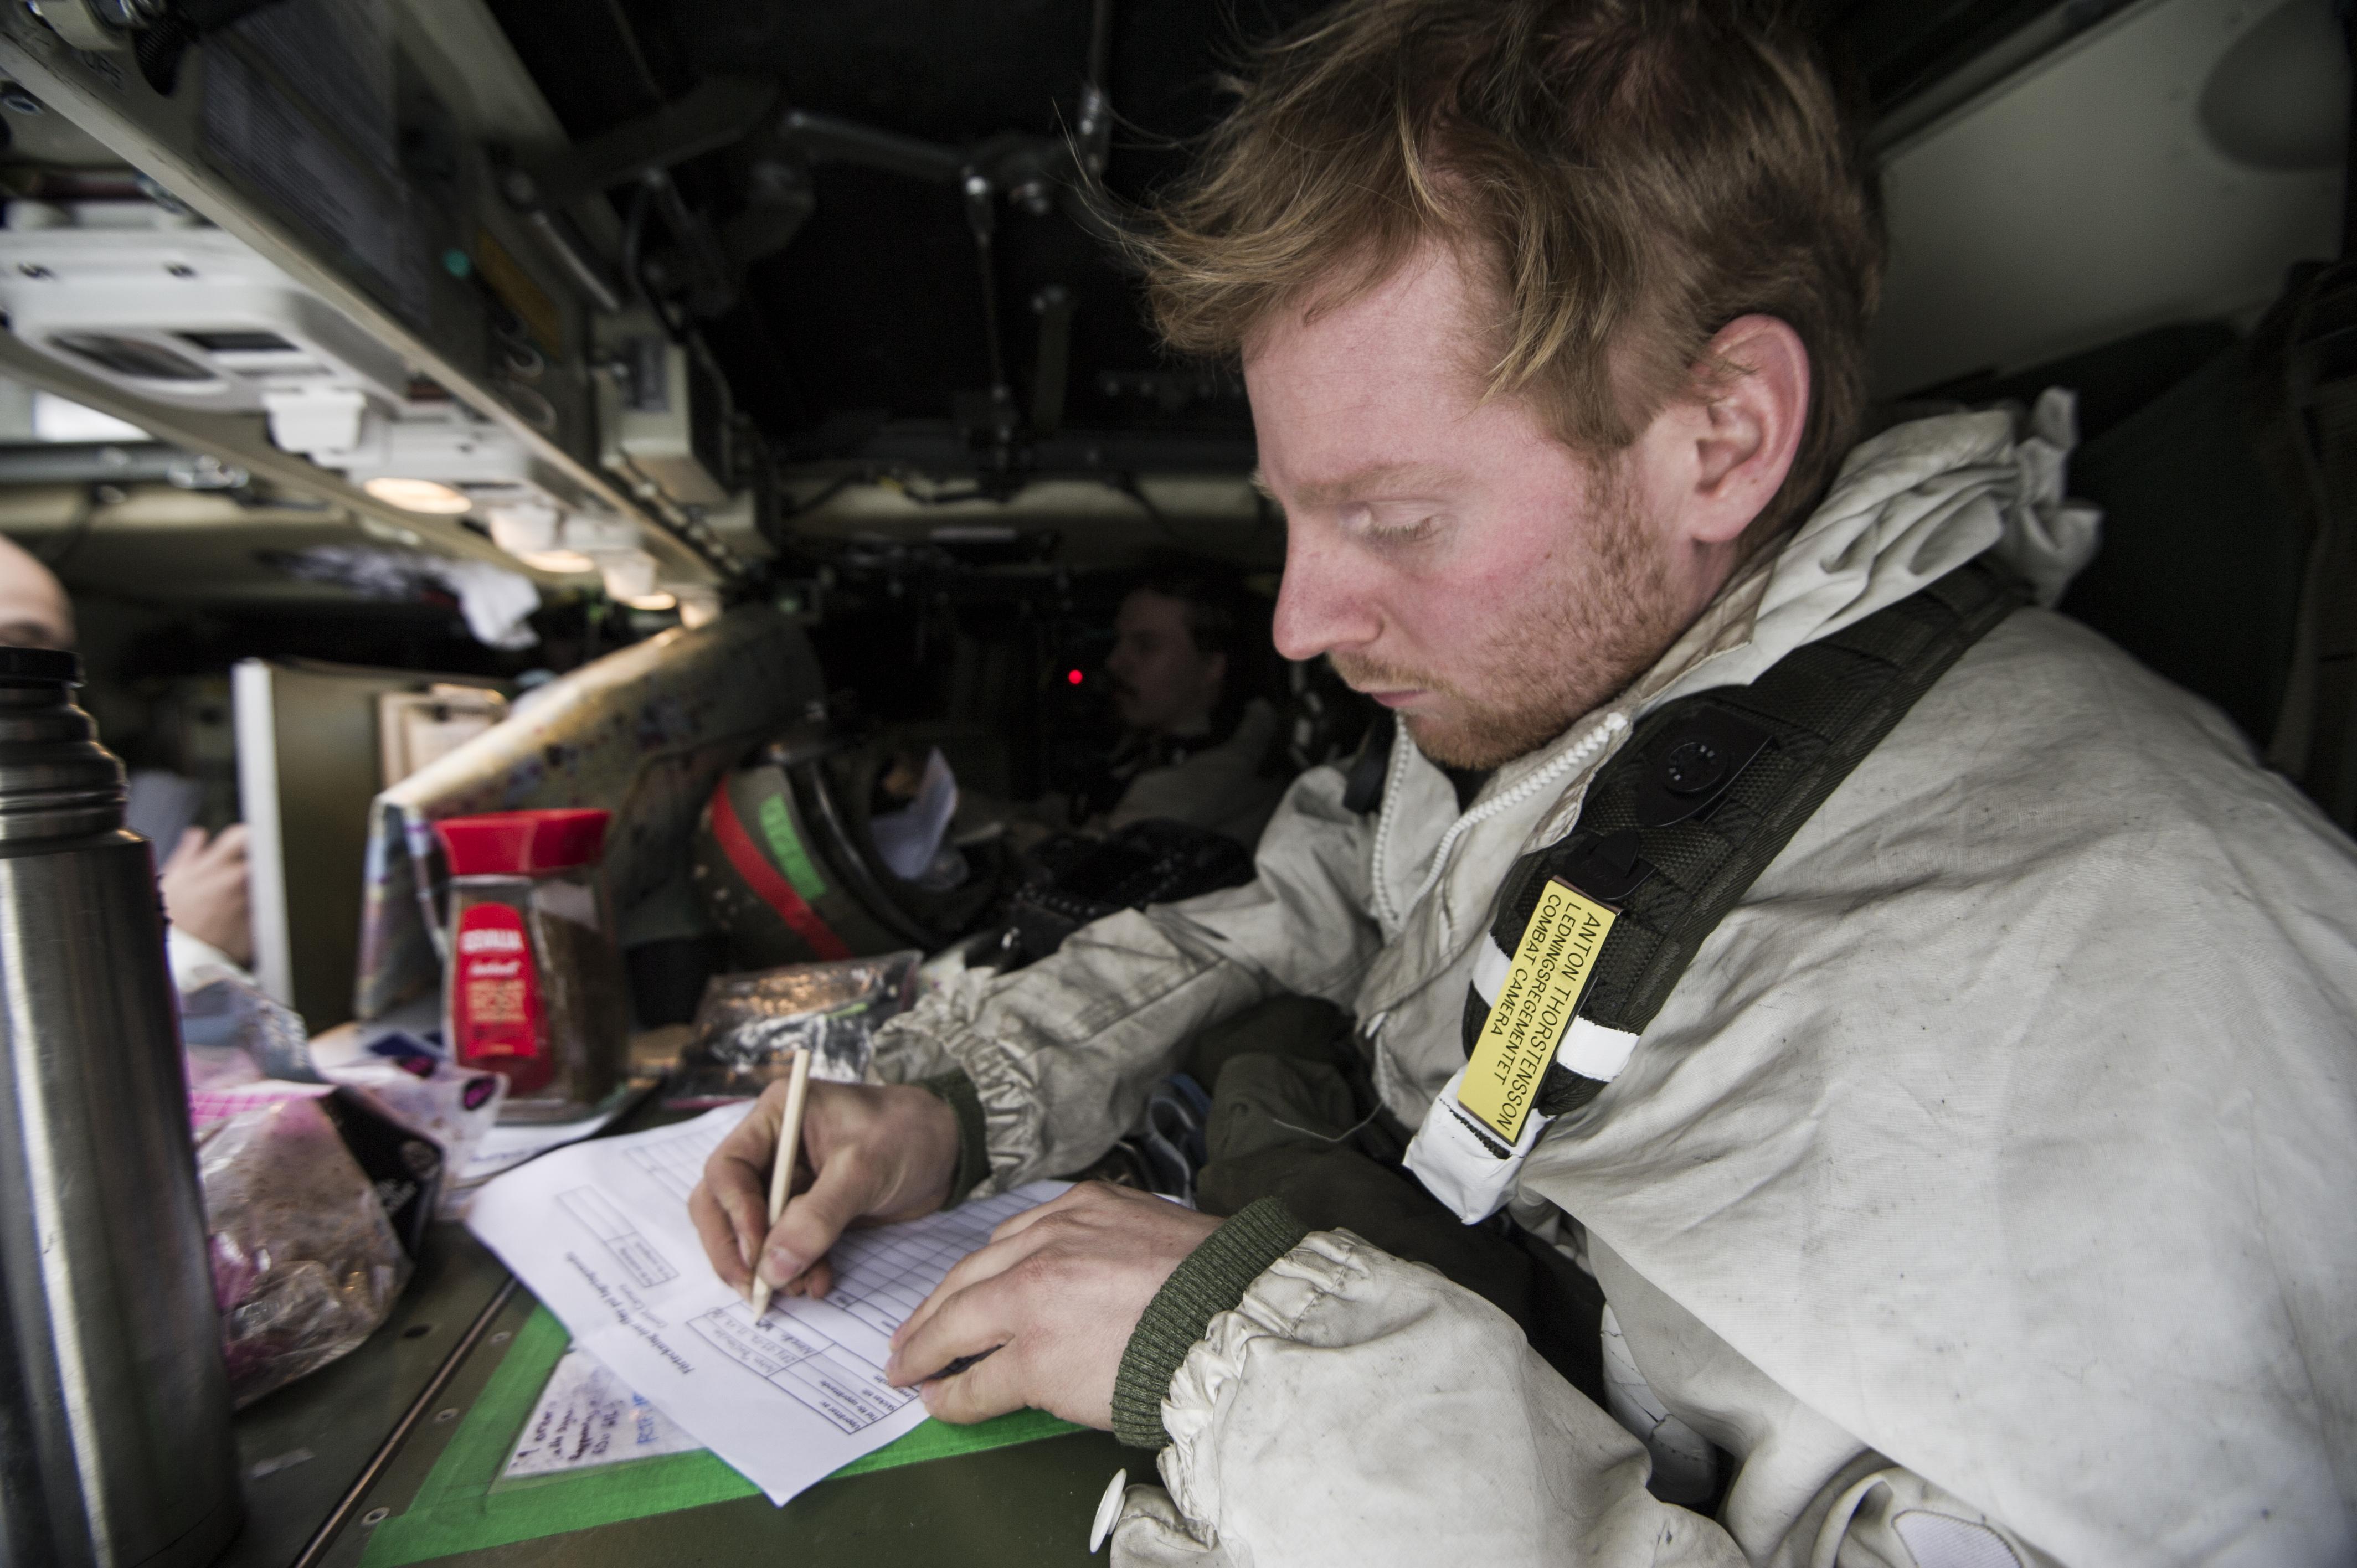 Under övningen Cold Response i Norge sitter specialist Thorstensson i bakvagn i stridsfordon 90 och skriver en bildlogg. Kriget ställer hårda krav och den enda metoden som finns tillgänglig är att skicka bilderna med ordonnans bakåt till högre chef.  I övningens startskede har 191.pansarbataljonen från I19 i BODEN fått uppgiften att försvara tagen terräng mot en mekaniserad fiende. Truppen har tagit stridsställning i både betäckt terräng och bebyggelse. Övning Cold Response omfattar cirka 15000 deltagare från 15 nationer varav ca 2000 man är svenskar. Övningen har ett fiktivt scenario baserat på en internationell krissituation och genomförs som en tillämpad dubbelsidig övning.